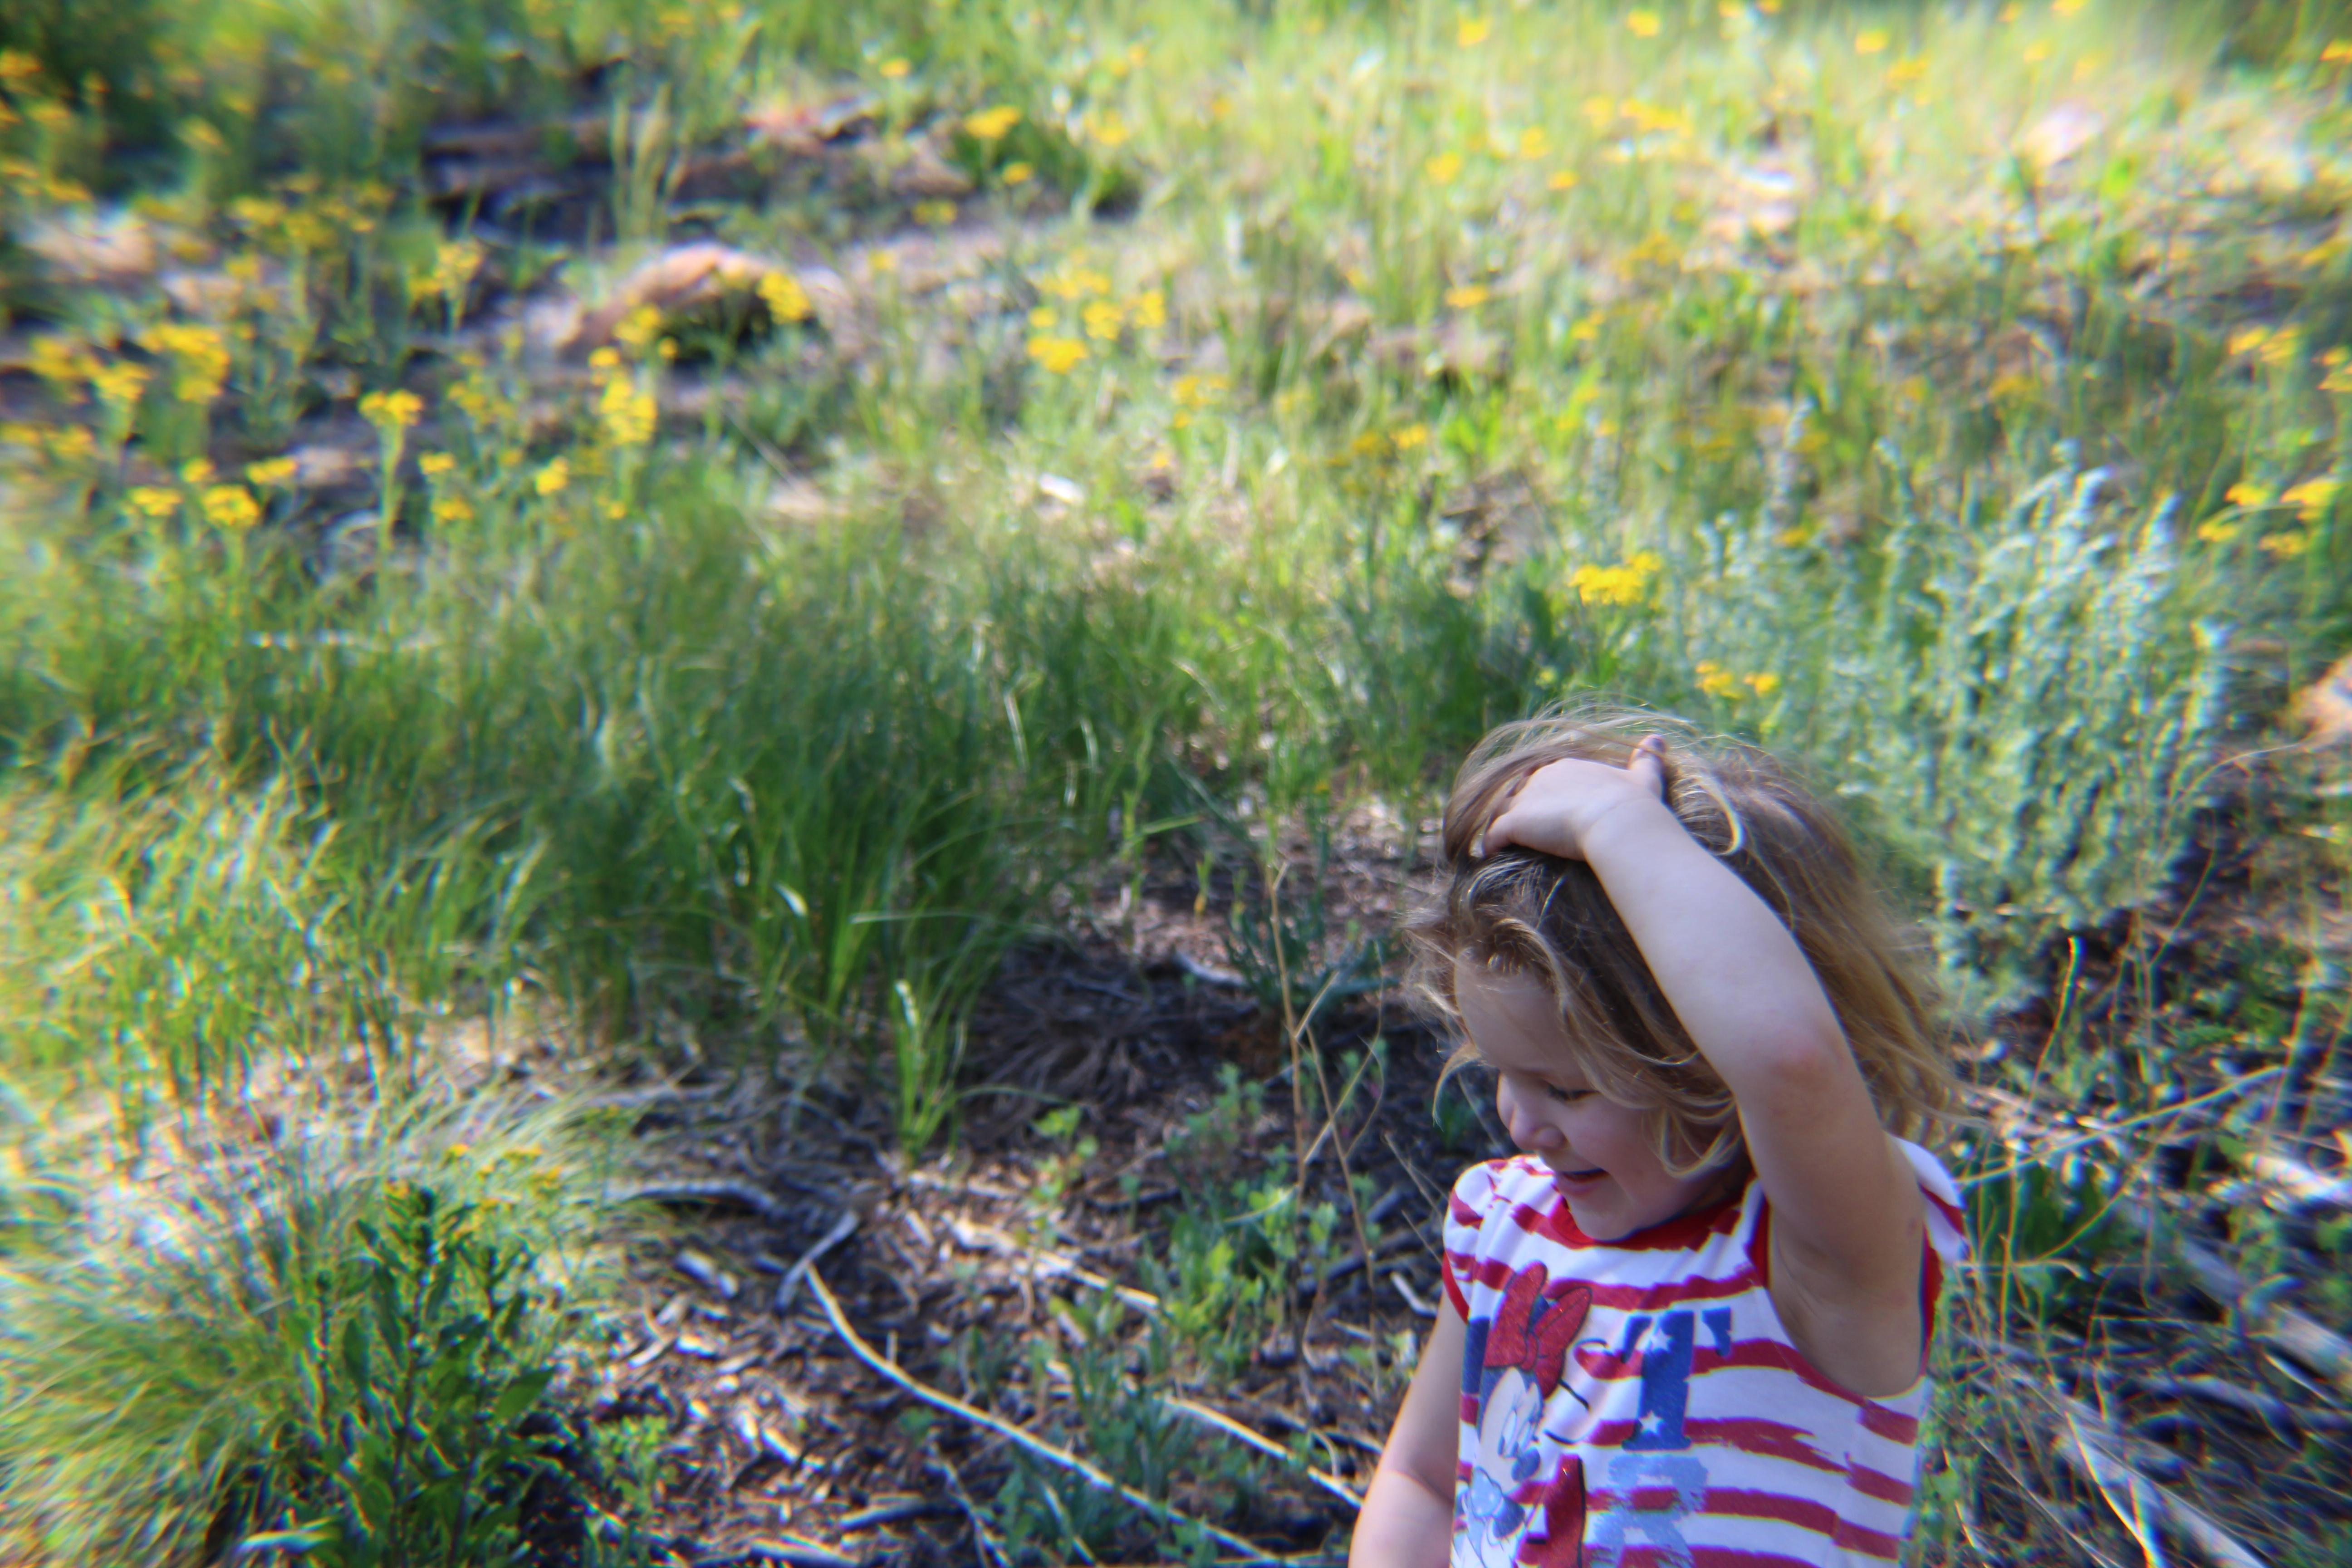 We love wildflowers